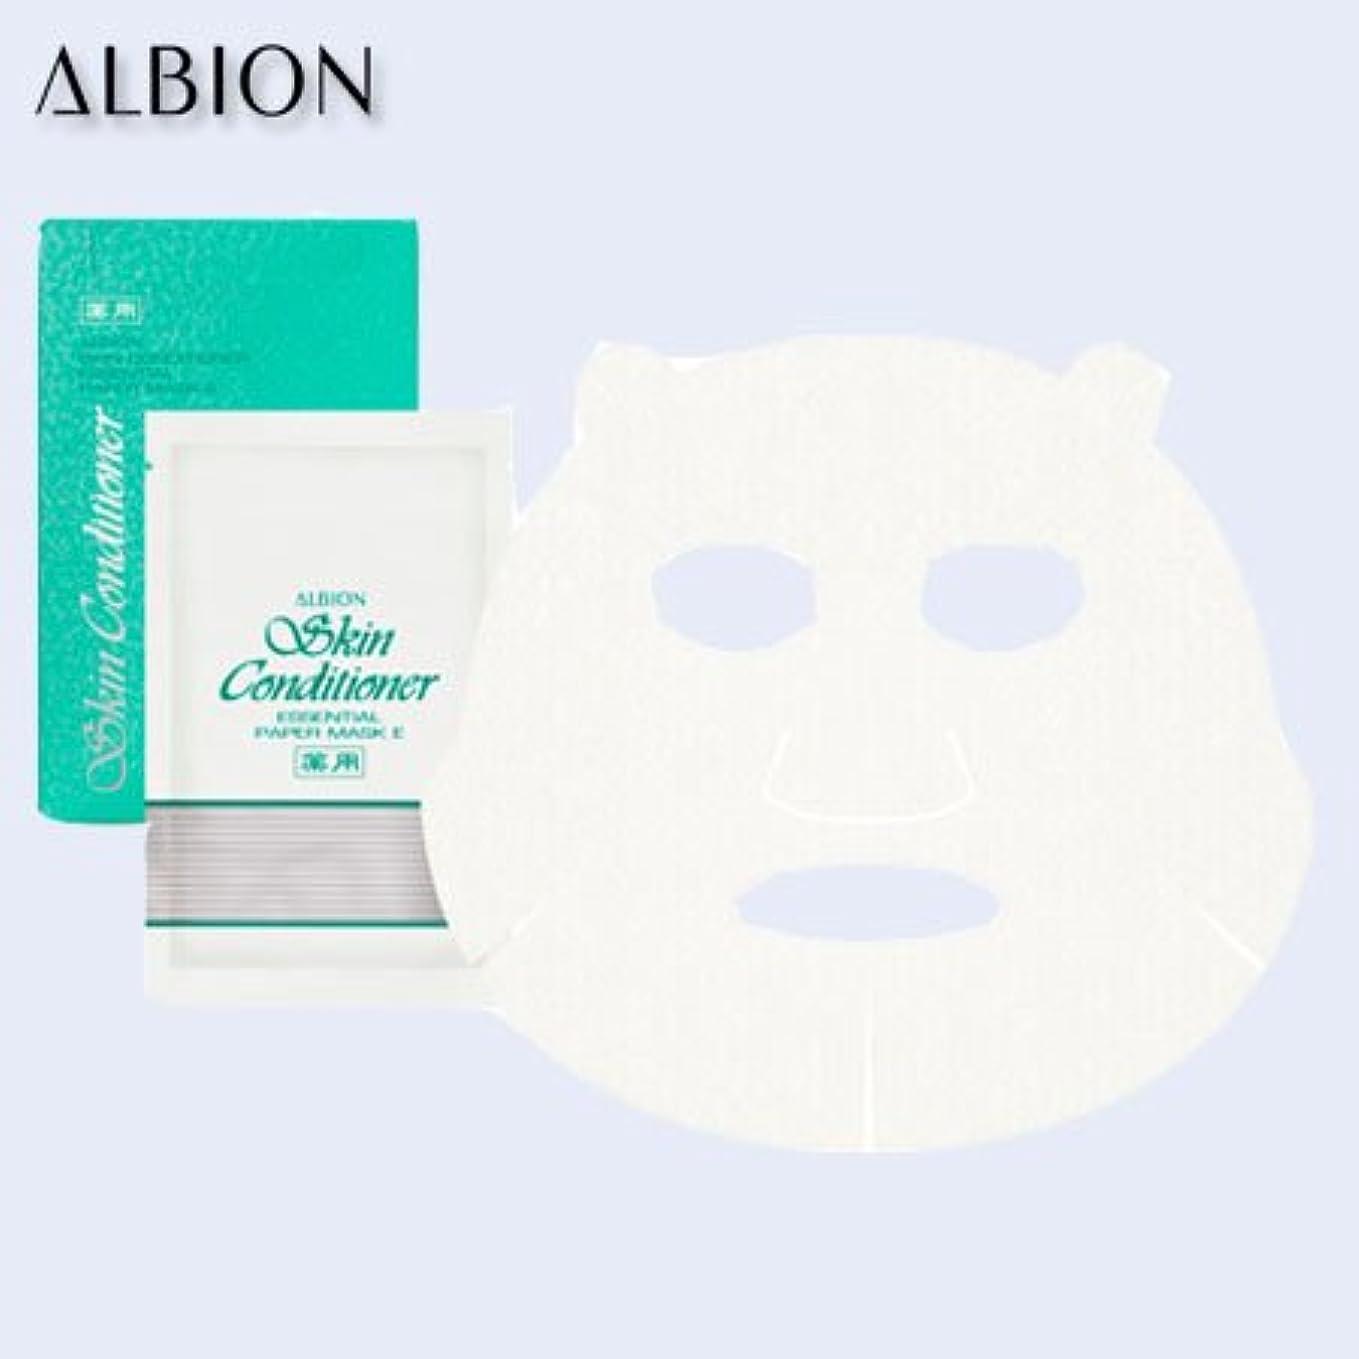 鼻テザーすきアルビオン 薬用スキンコンディショナーエッセンシャルペーパーマスクE<医薬部外品>《12ml×8枚入》